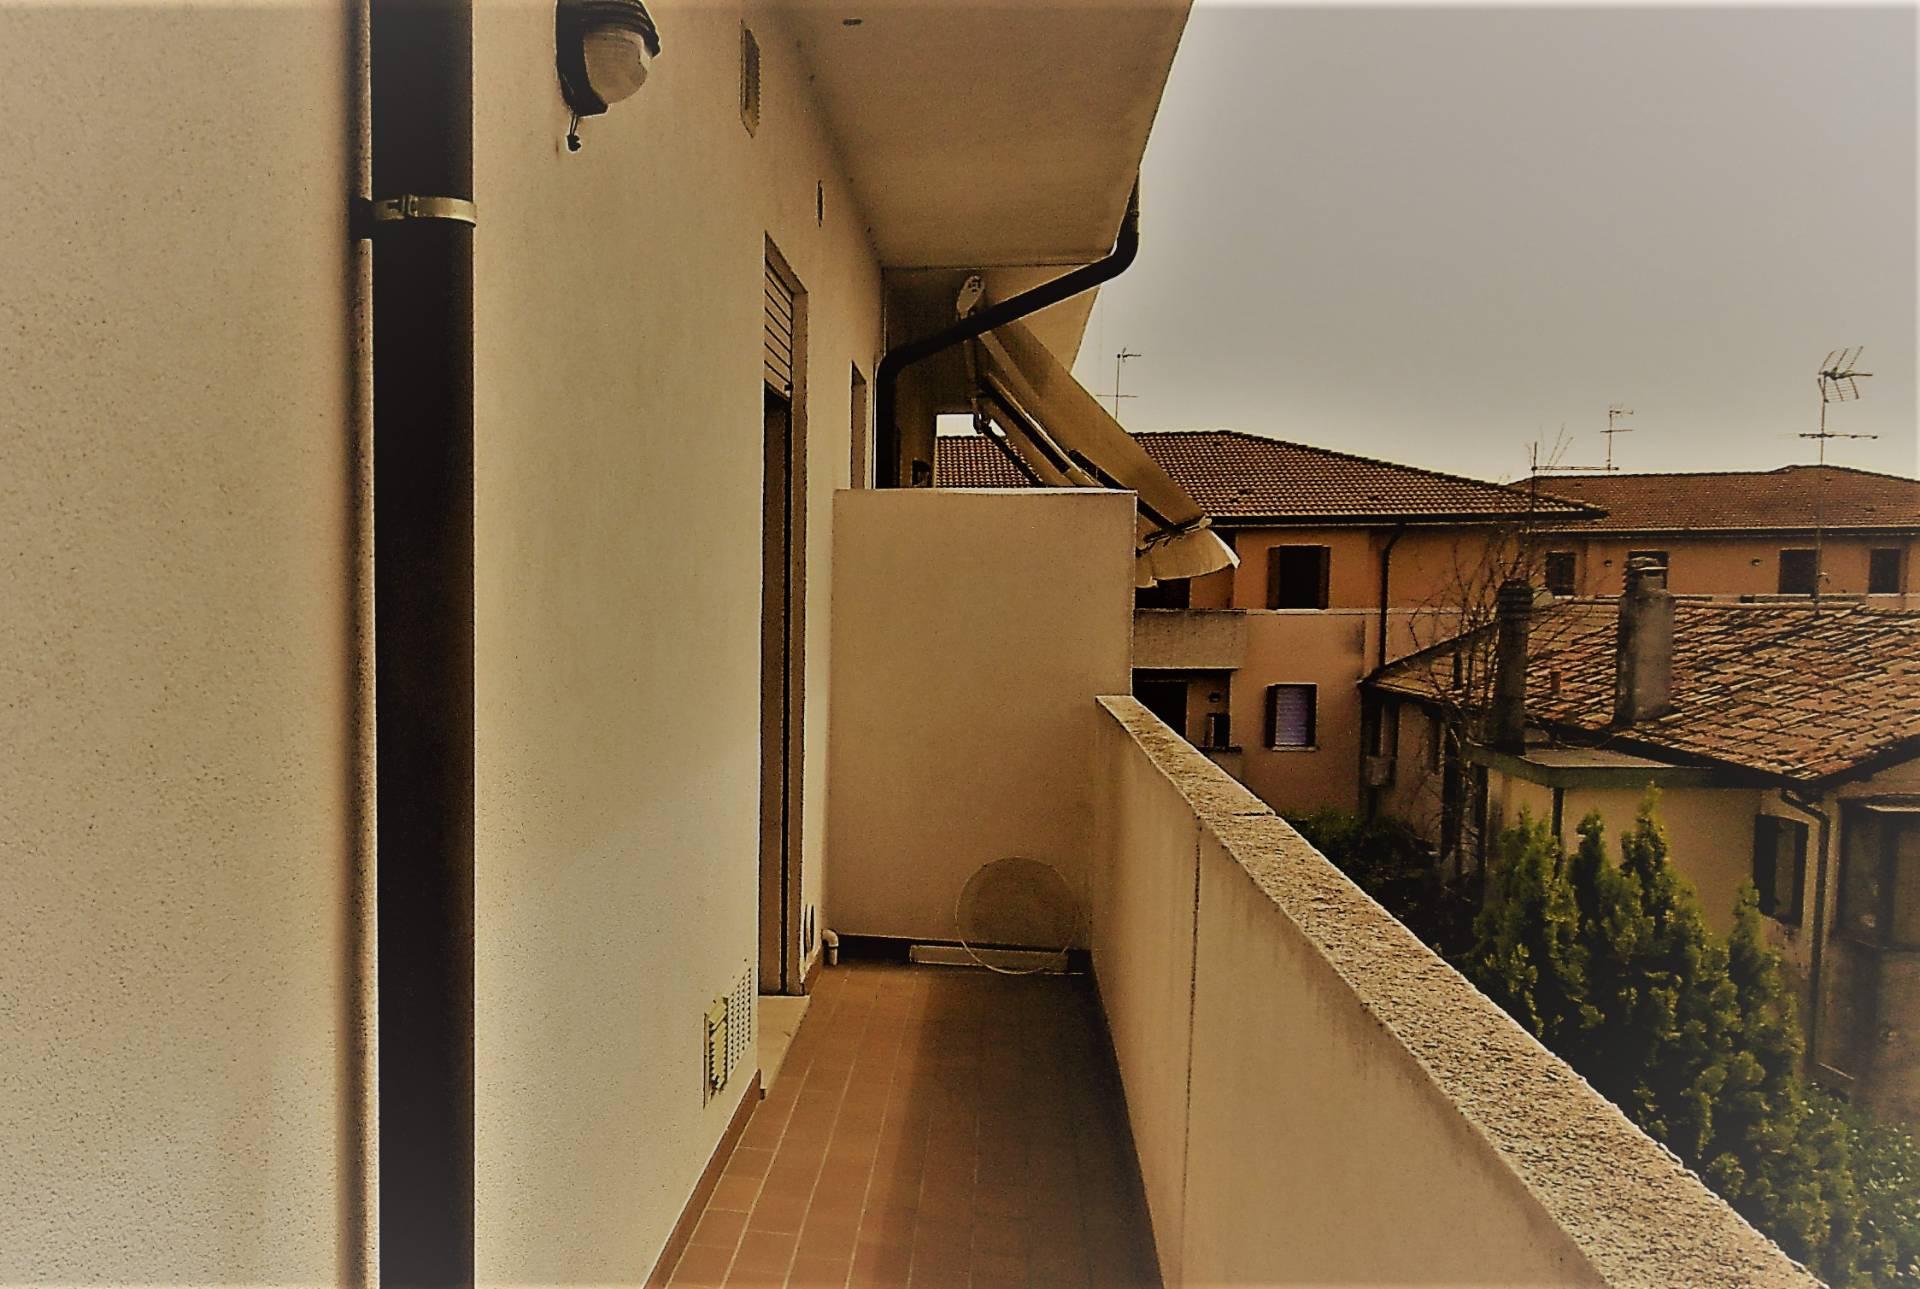 Appartamento in vendita a Ponzano Veneto, 2 locali, zona Zona: Ponzano, prezzo € 72.000 | CambioCasa.it